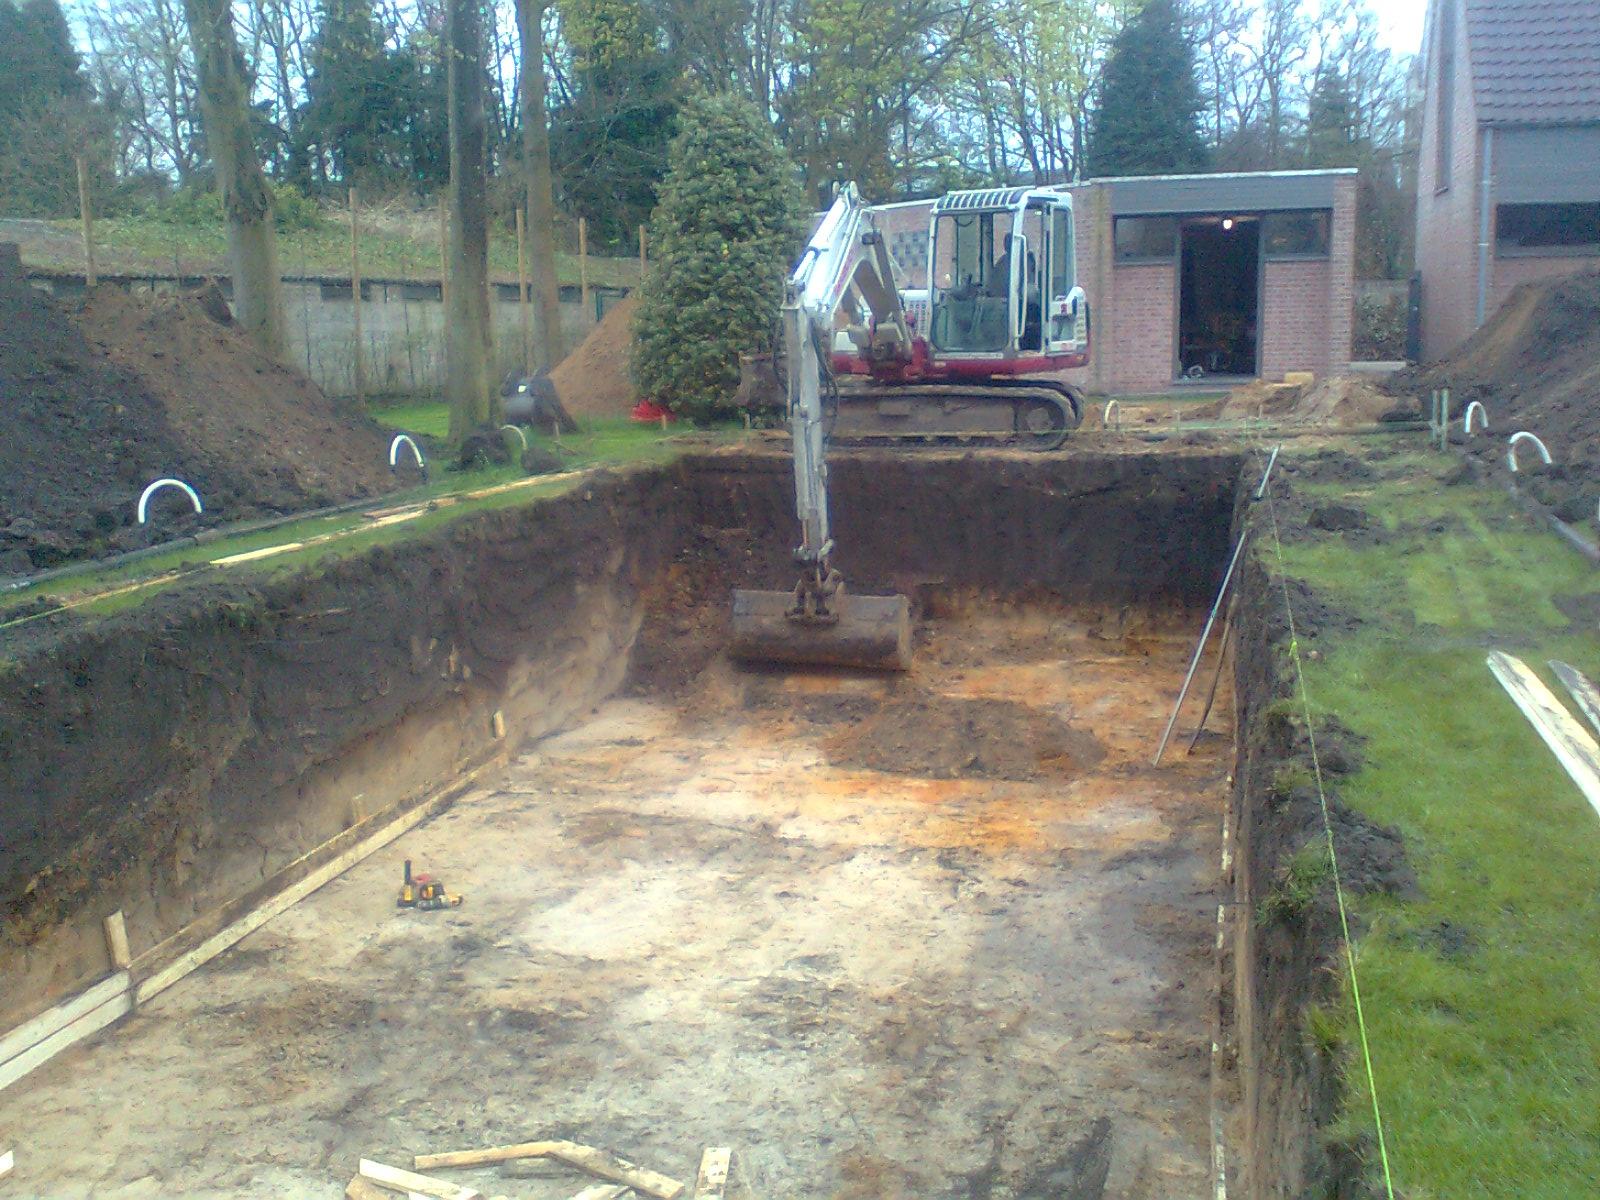 graven van put voor zwembad grondwerken janssens